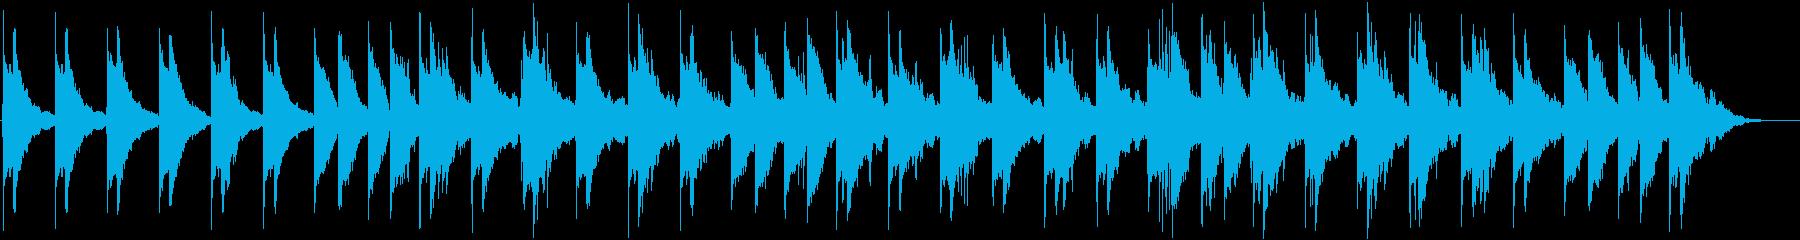 音と音の隙間の多いアンビエント系BGMの再生済みの波形